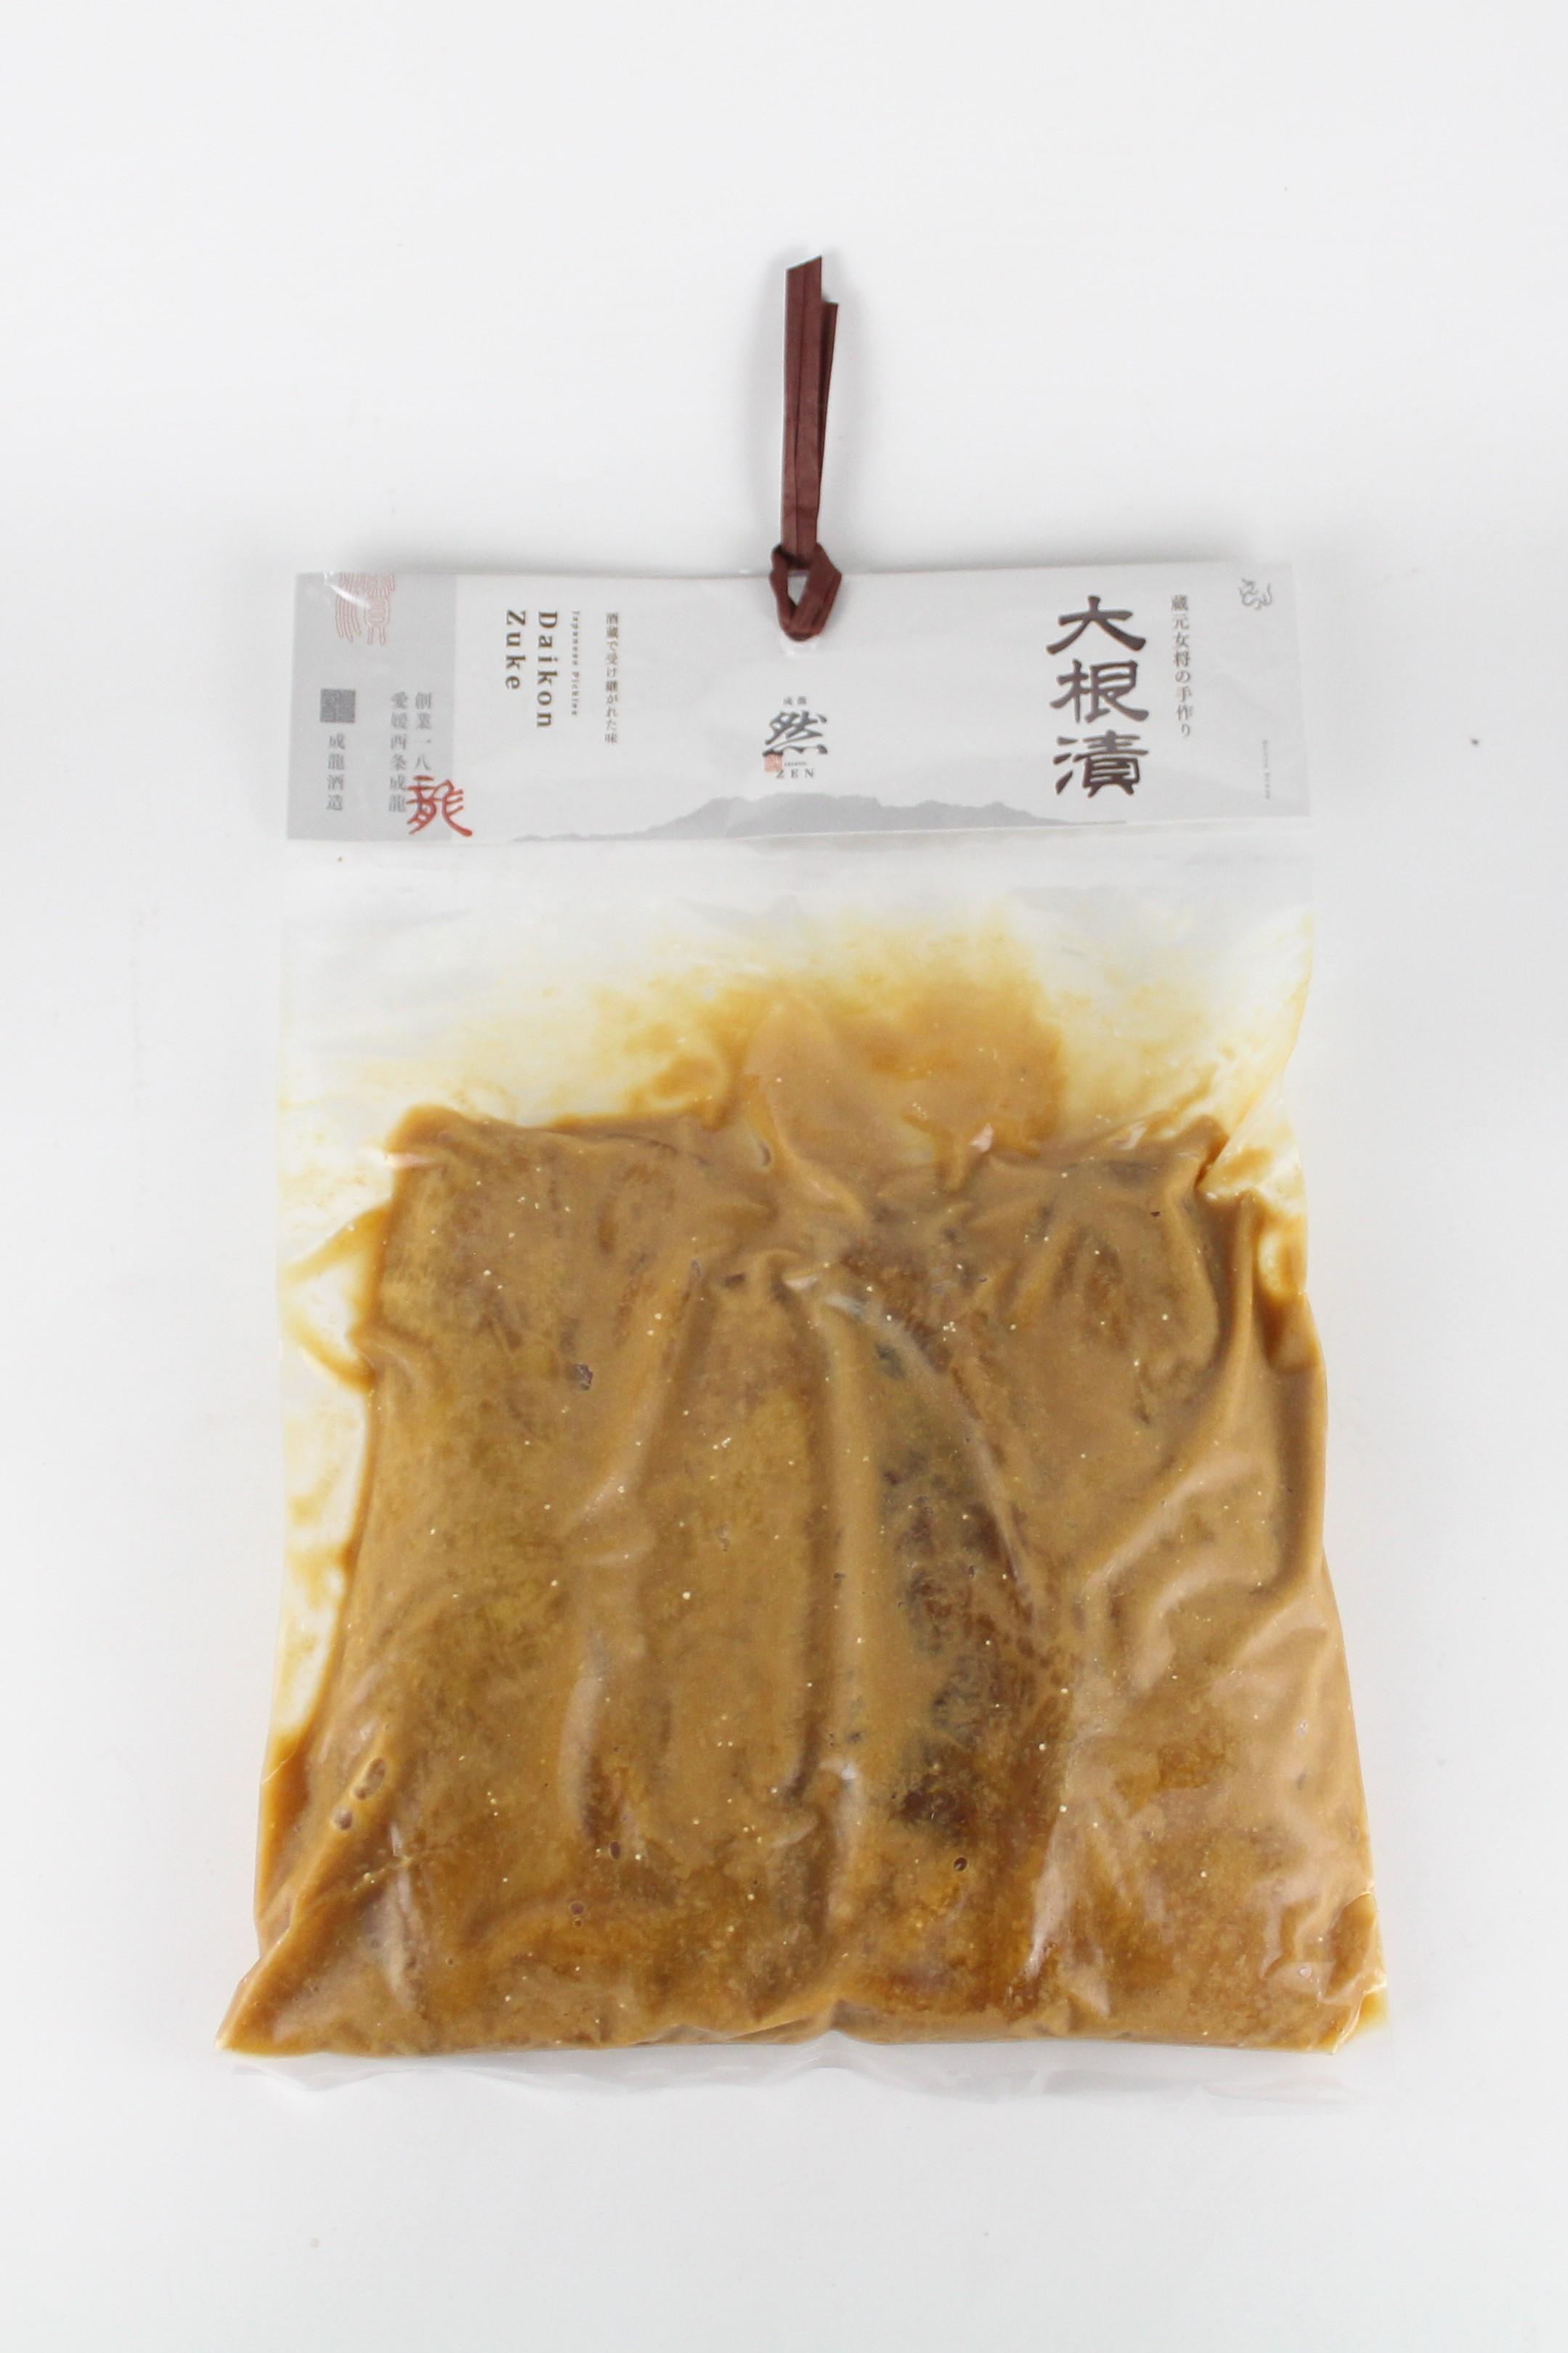 賀儀屋 大根漬 350g 【愛媛/成龍酒造】